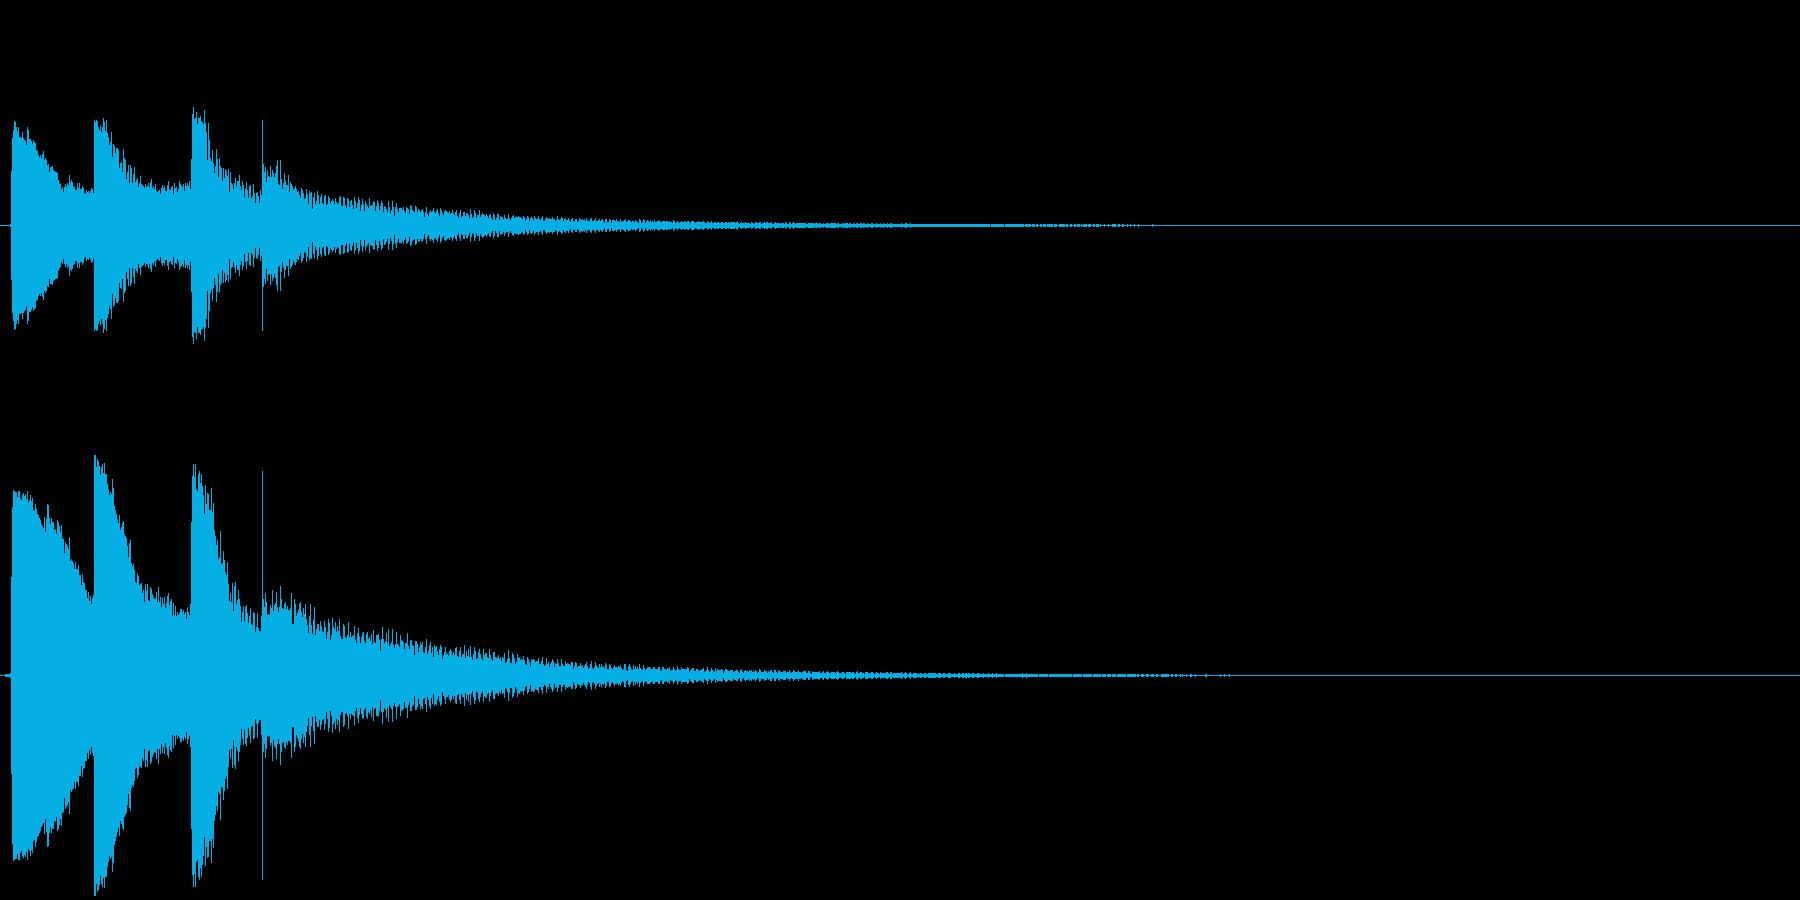 「ピポパポーン」(感づいた音、ヒント)の再生済みの波形